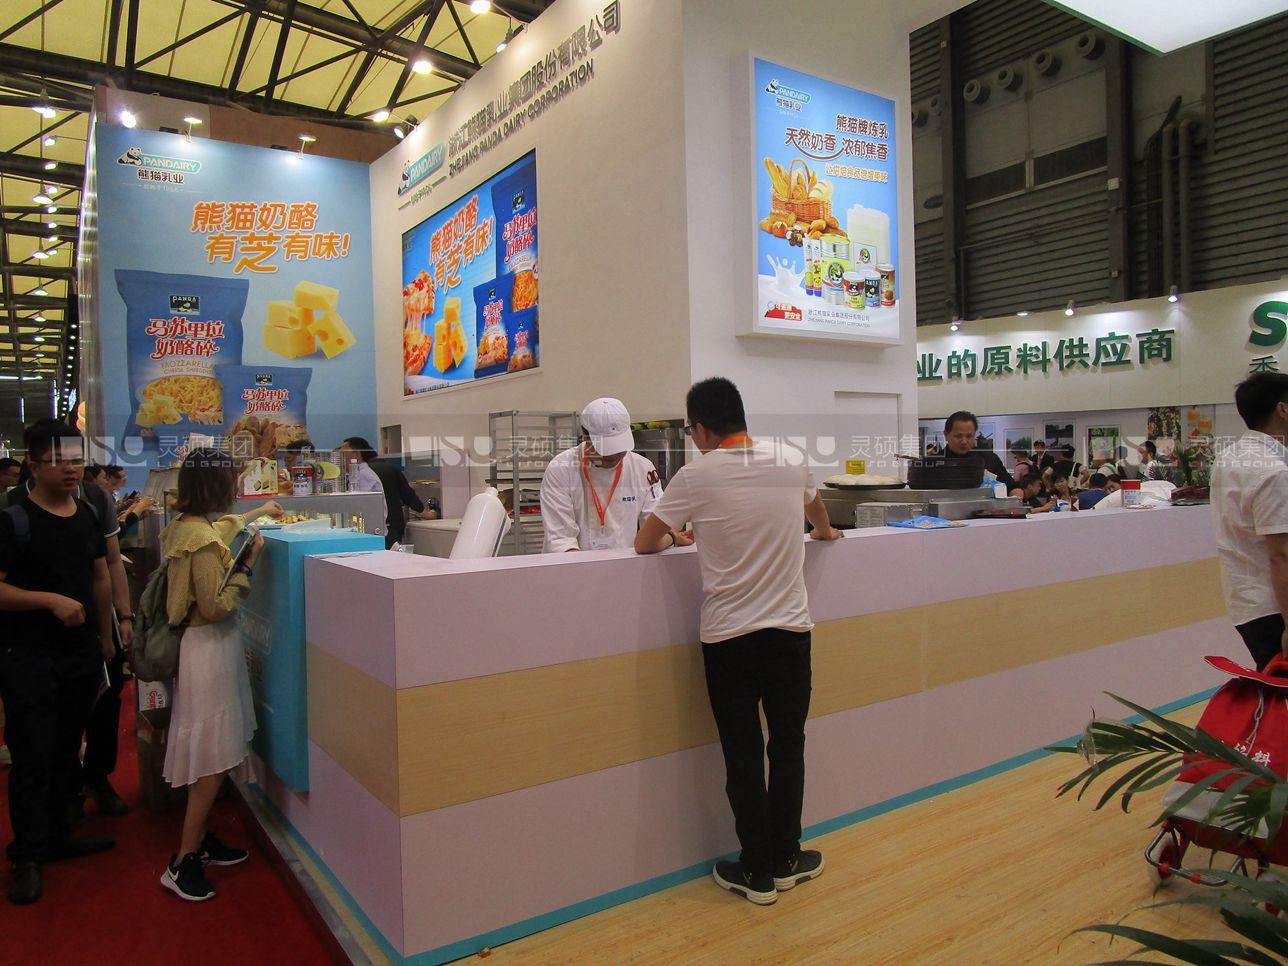 熊猫-焙烤展展台设计案例